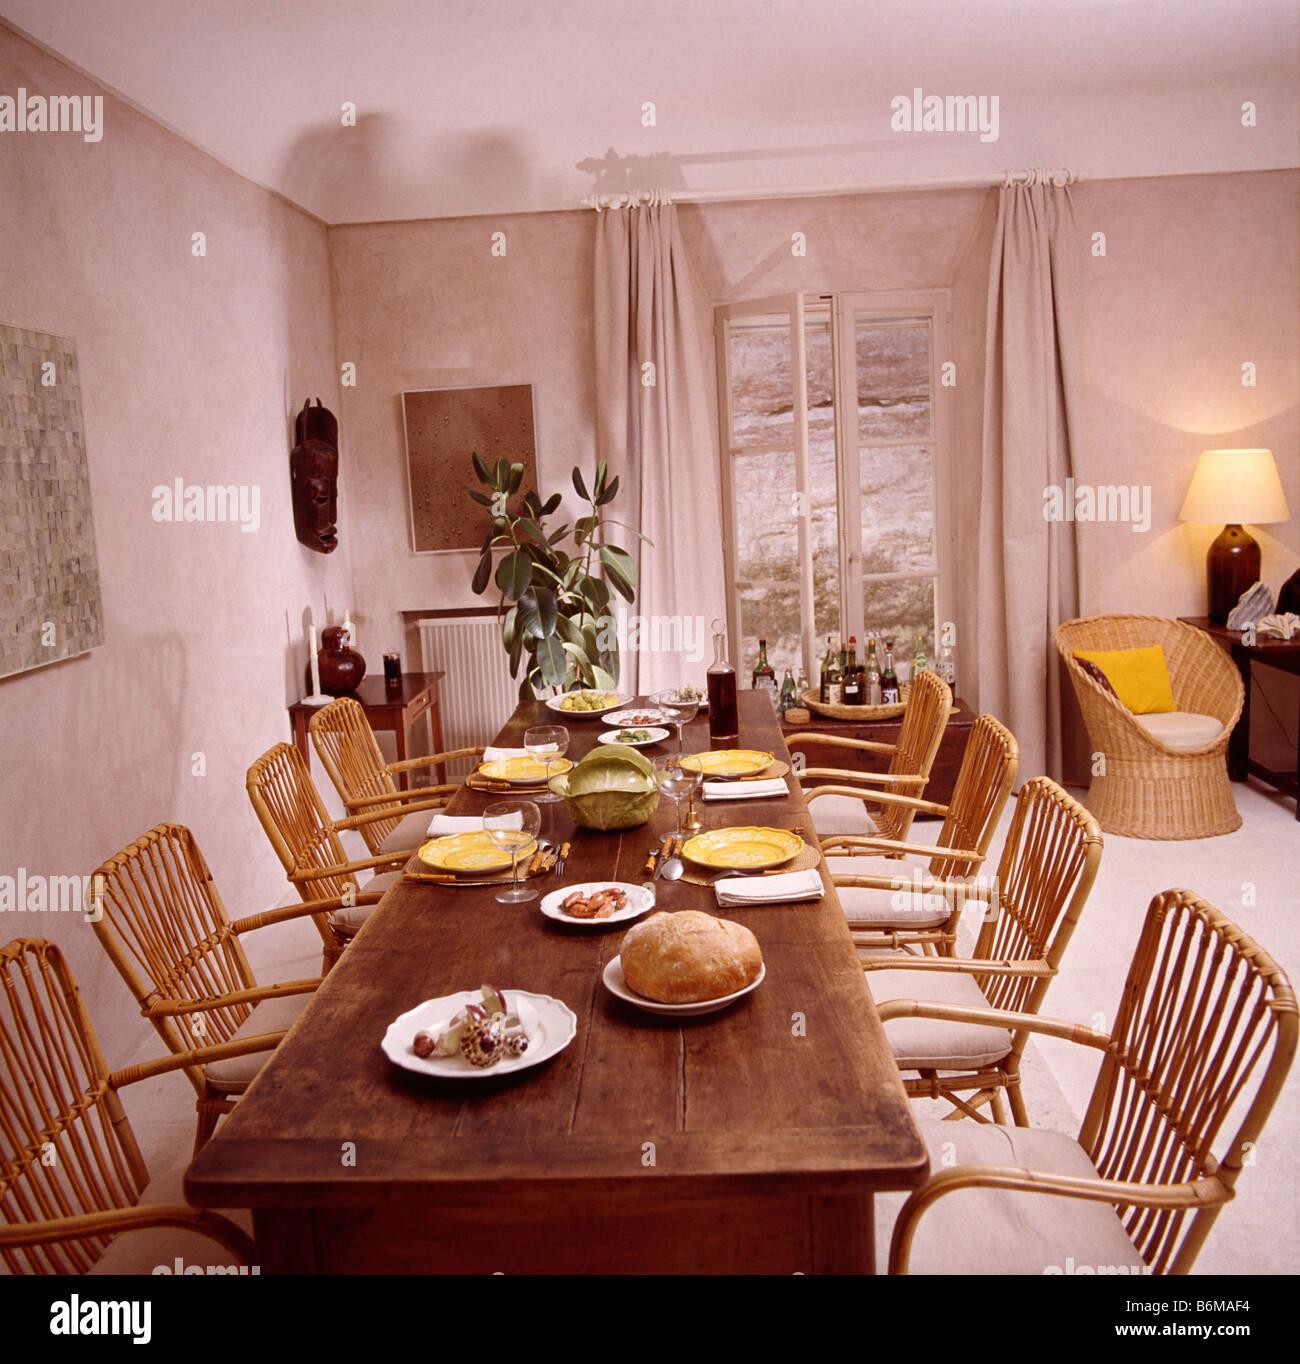 Rohrstuhlen An Lange Antike Tisch In Franzosischer Landhaus Esszimmer Mit Beige Gardinen An Franzosische Fenster Stockfotografie Alamy